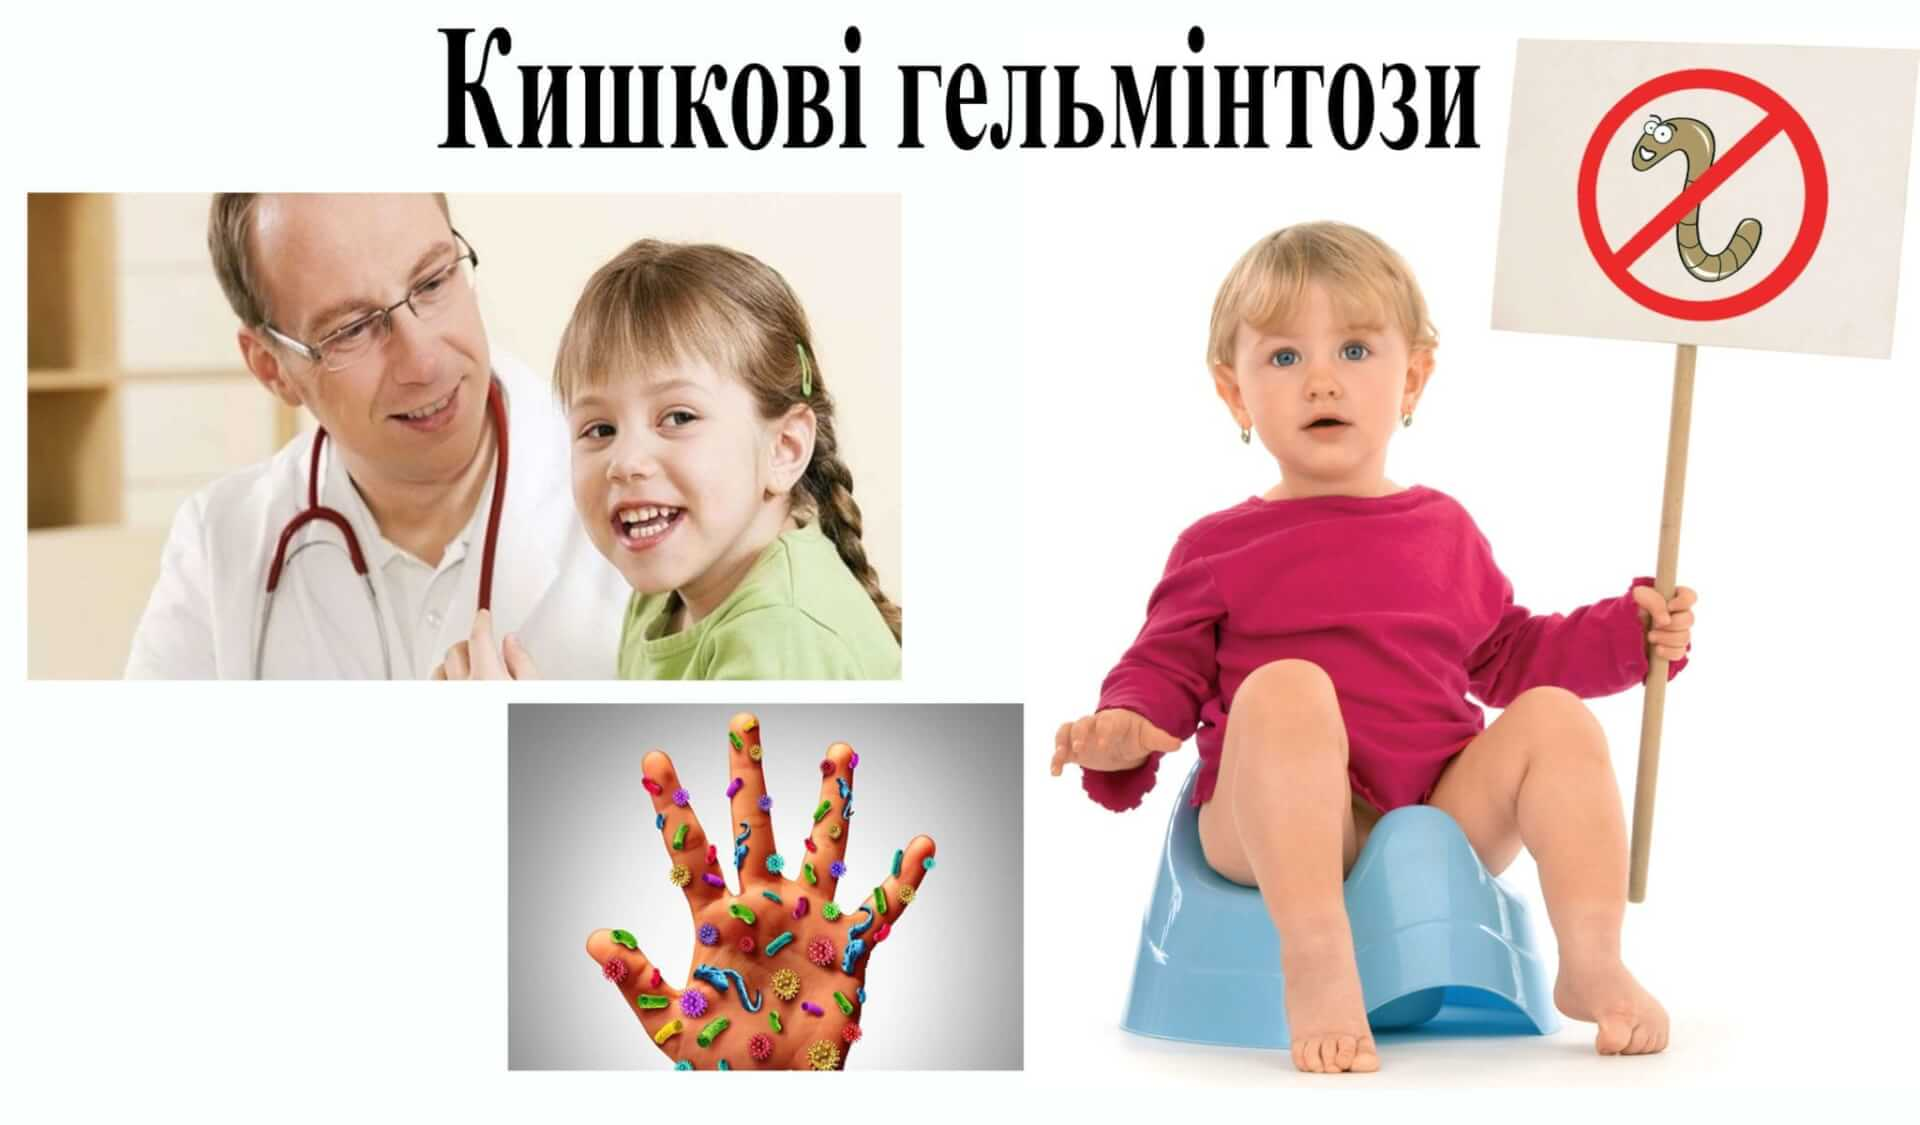 Кишкові гельмінтози. Як вберегтись? Міська дитяча лікарня №5 детская больница Запорожье